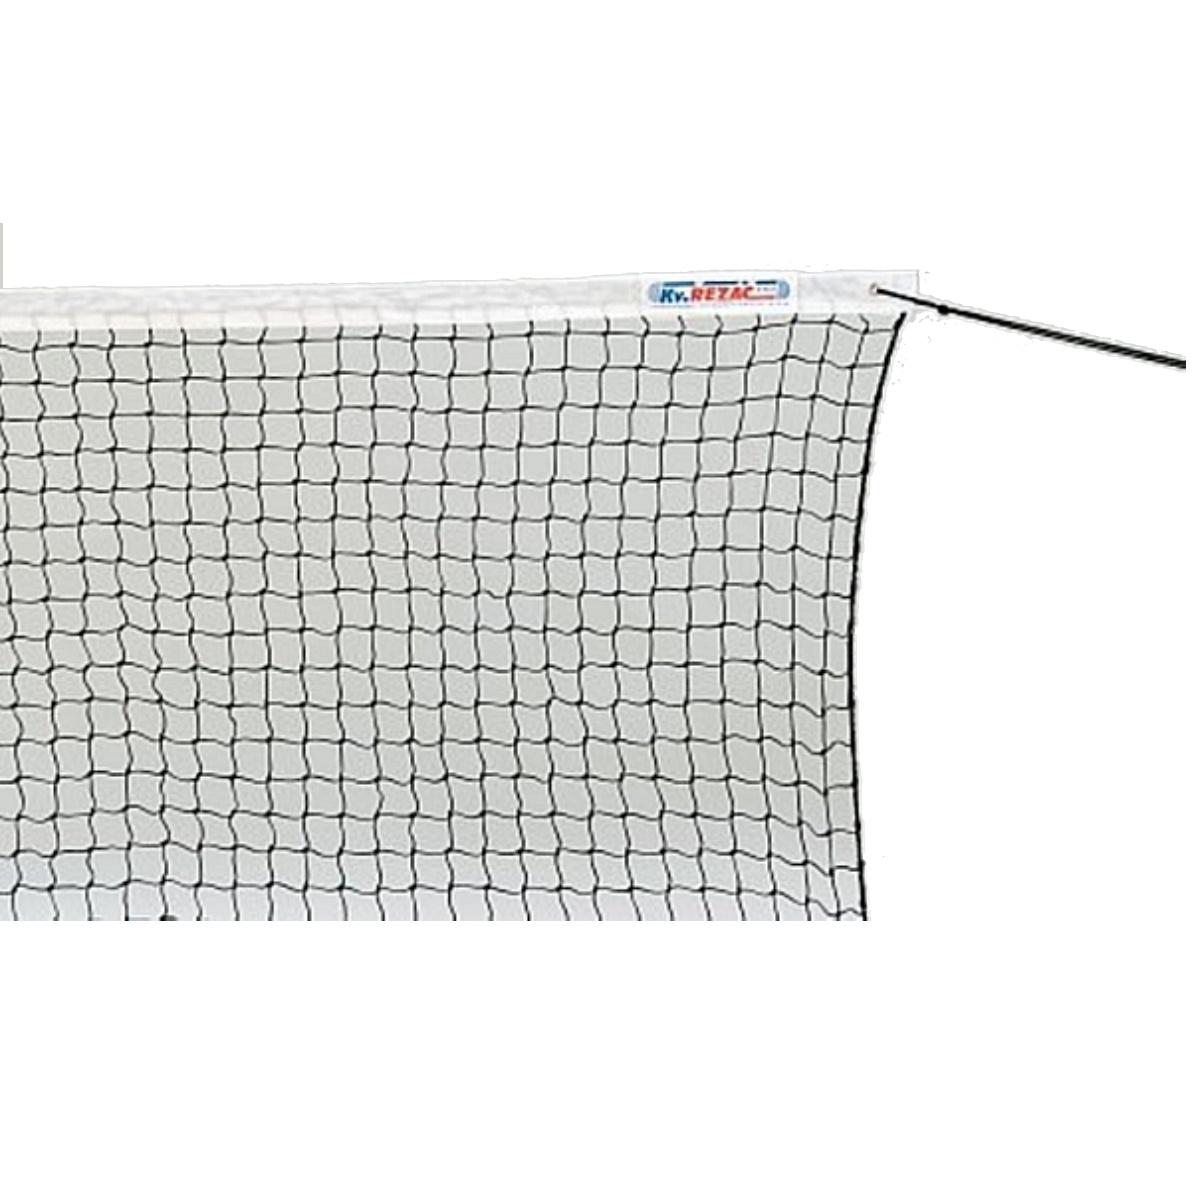 Tenisová síť 2 mm s lankem - rekreační